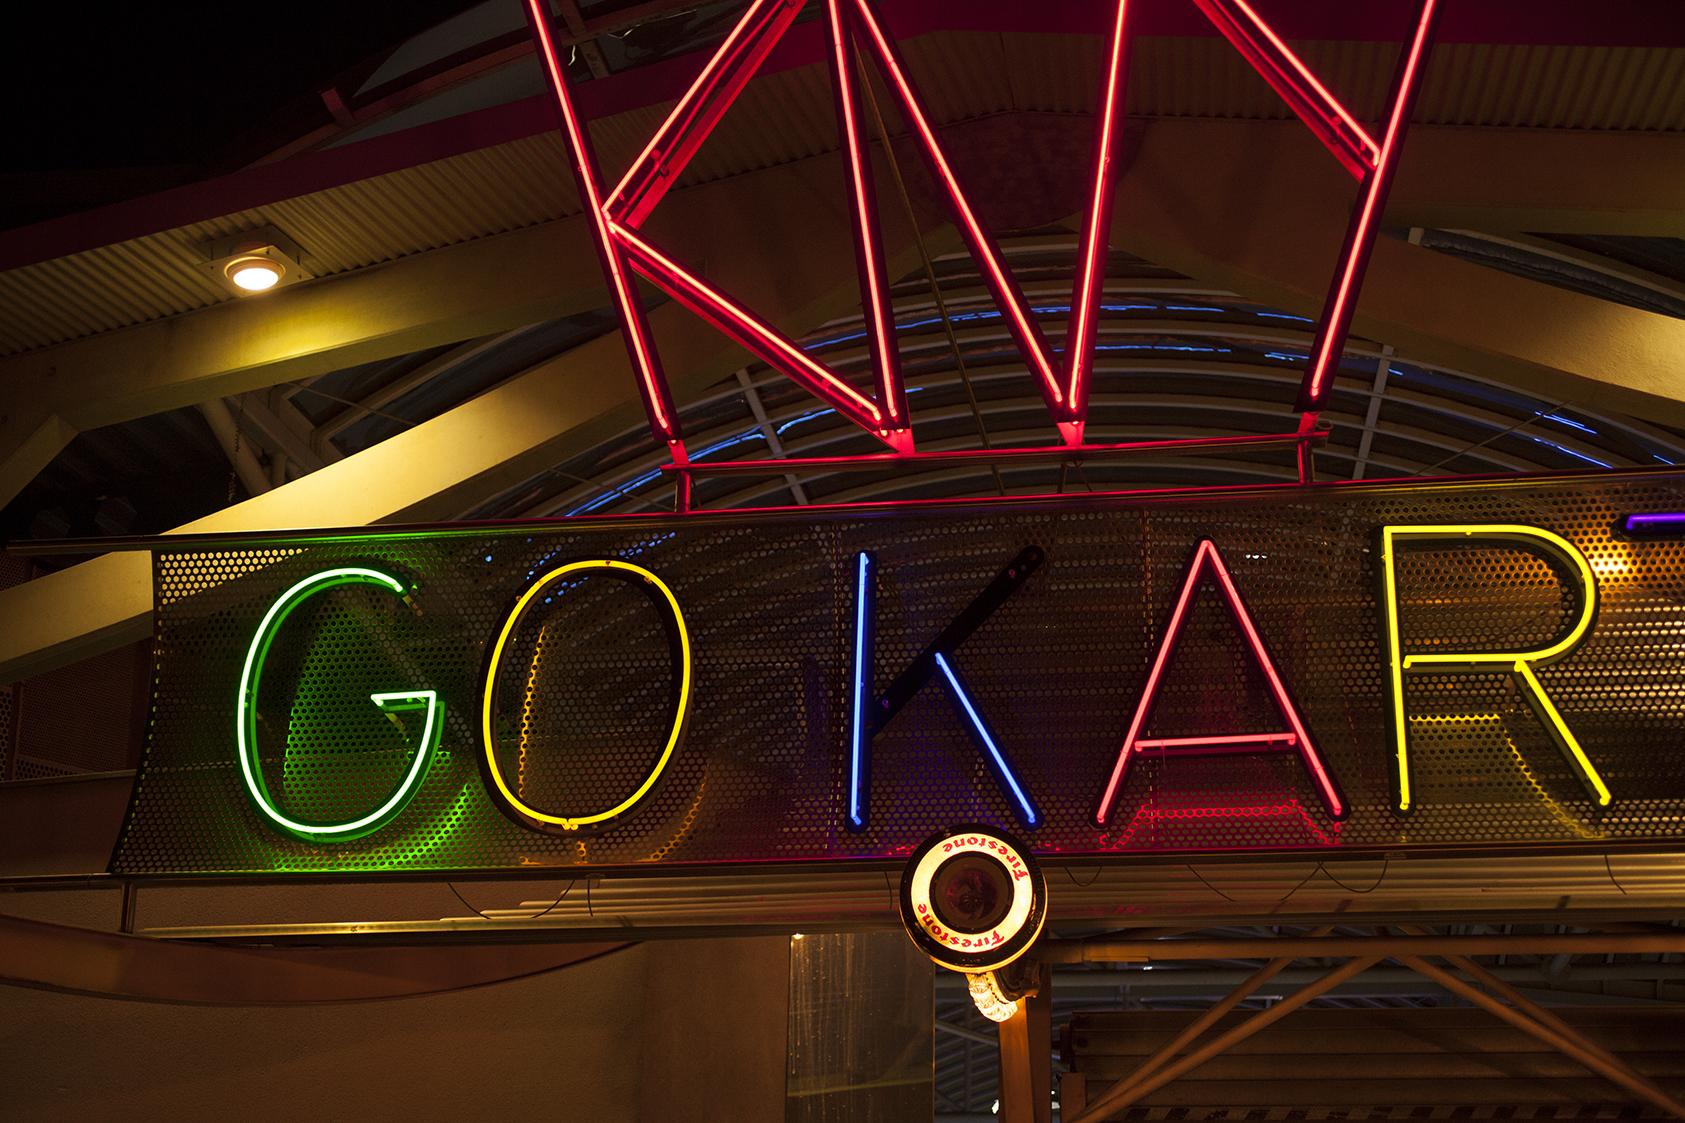 Coloured Vienna   One night's walk through Vienna